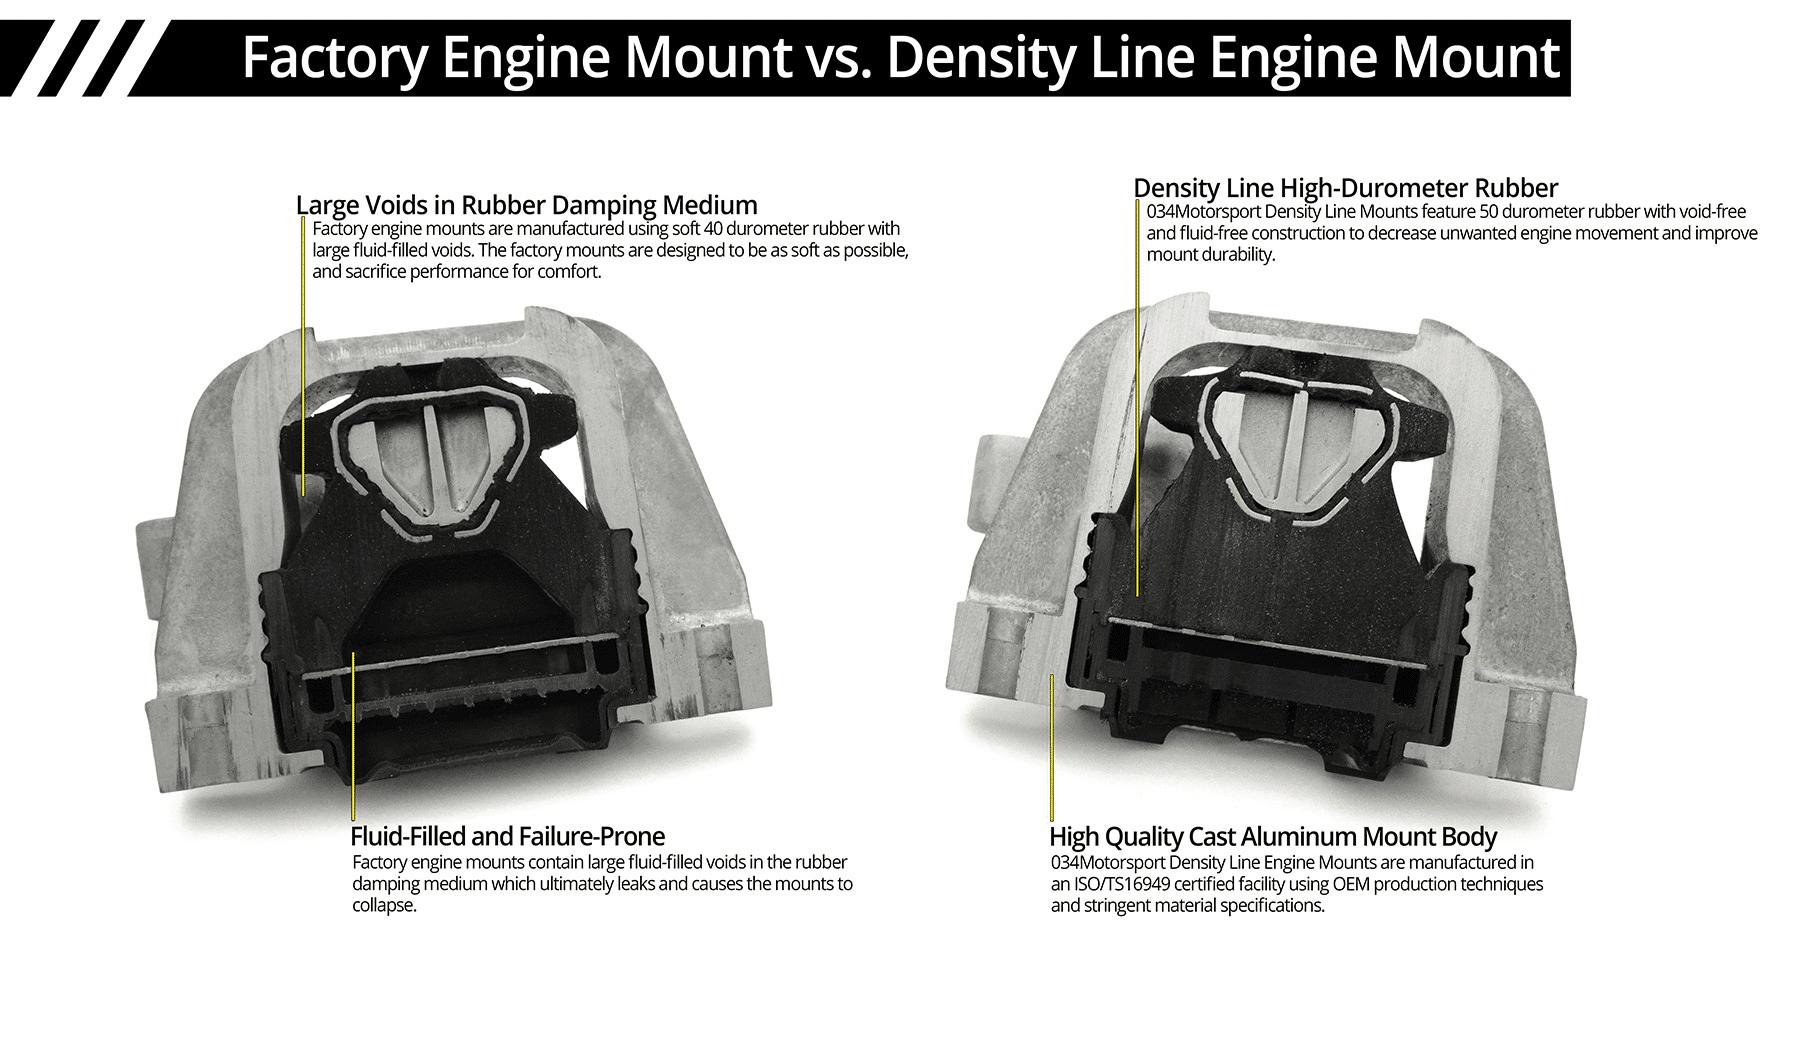 034 Density Line Engine Mount